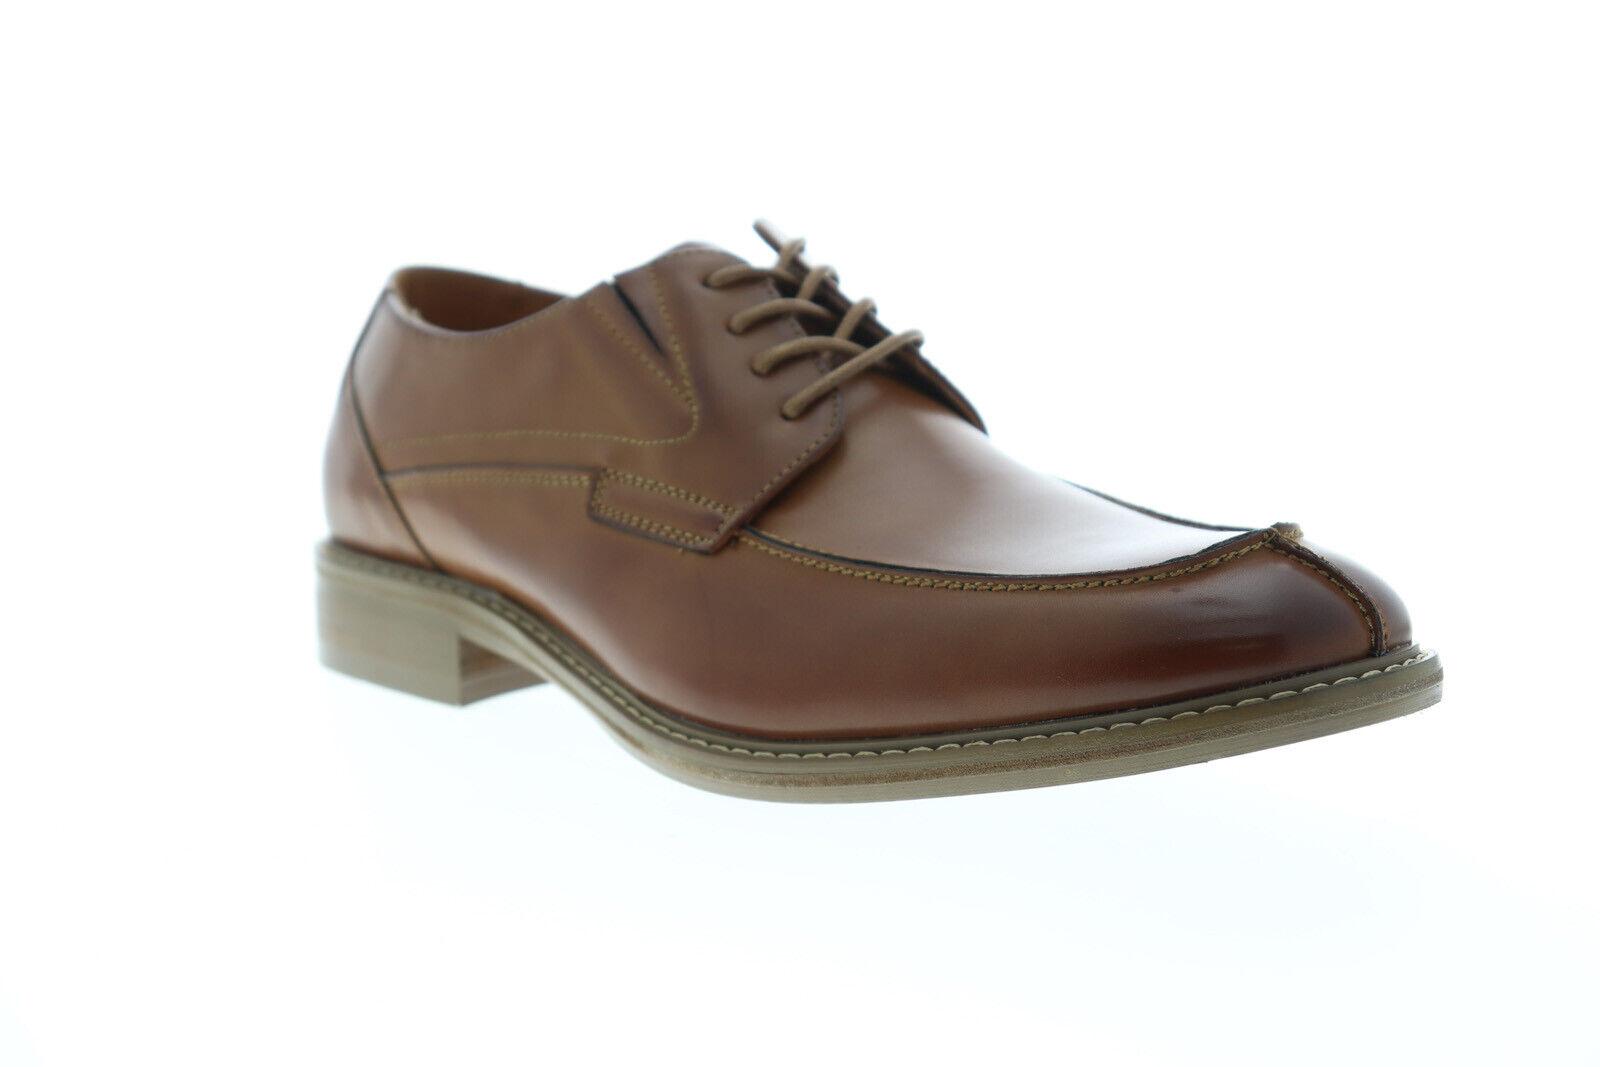 Unlisted By Kenneth Cole Kinley Cordones Hombre Marrón Vestido Oxford Zapatos